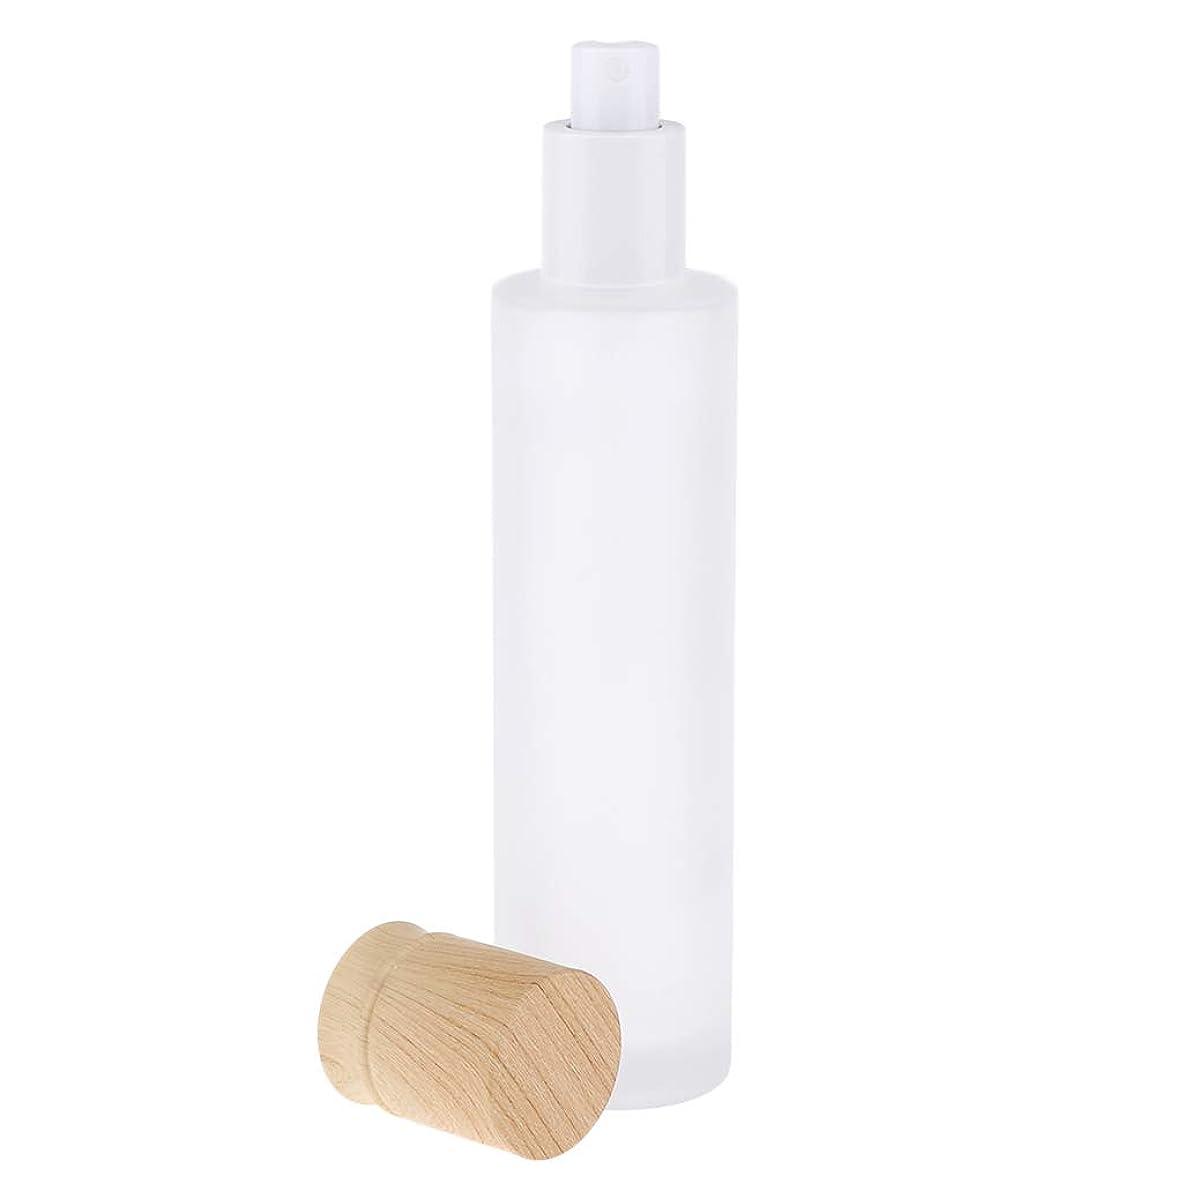 通信網フライカイト反映するP Prettyia 空 スプレーボトル 化粧品容器 香水スプレー容器 全6サイズ - 120ミリリットル